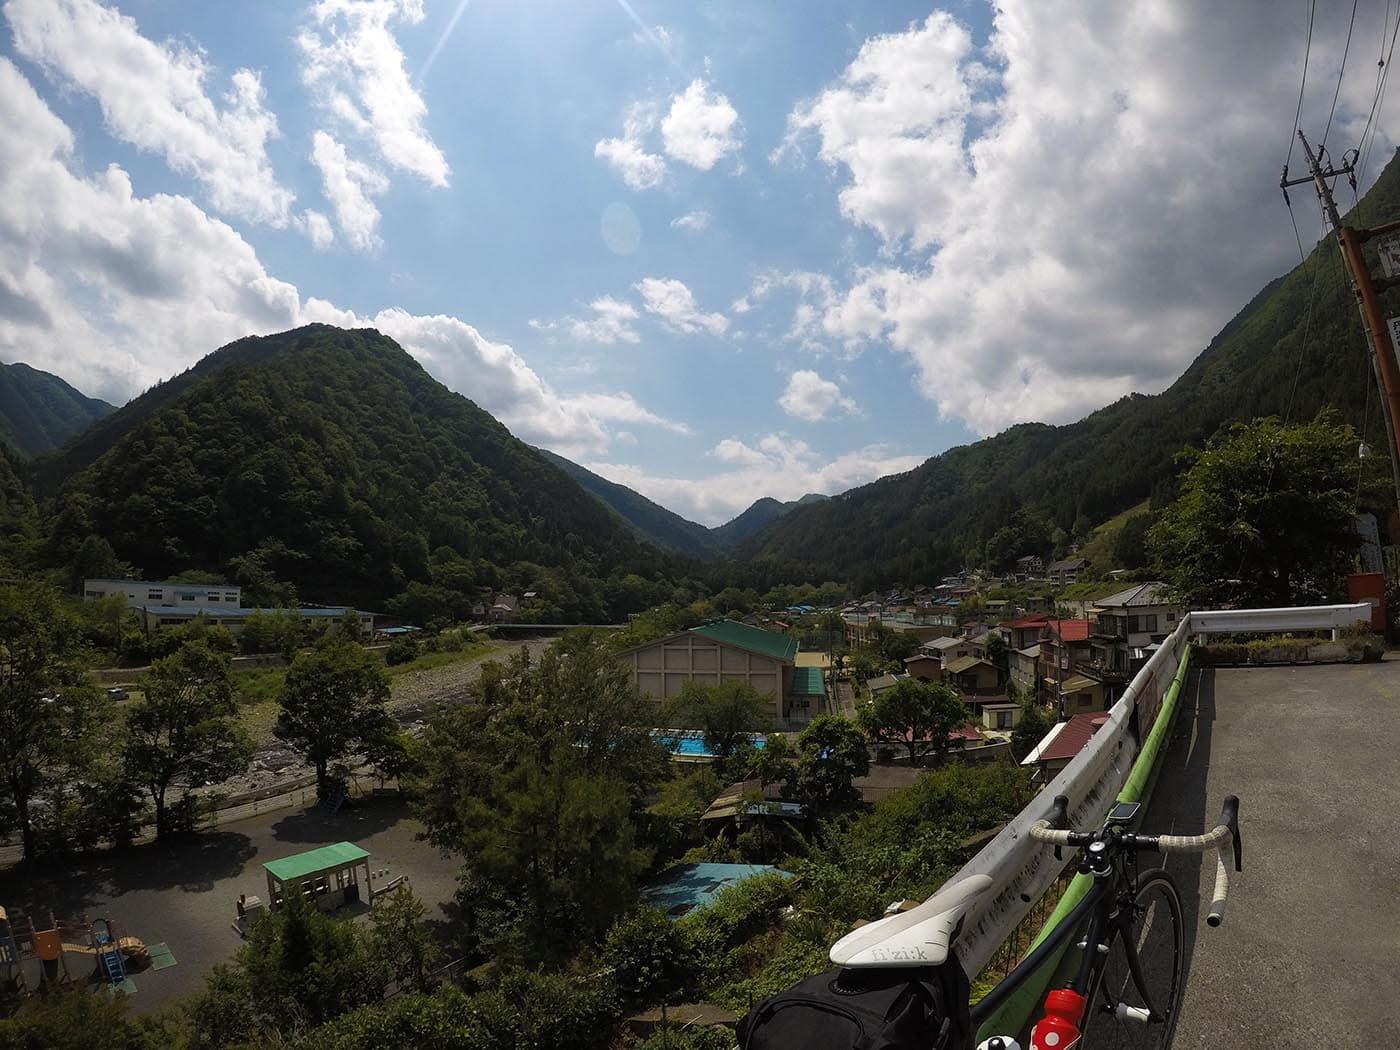 山とロードバイクを広角レンズで撮影